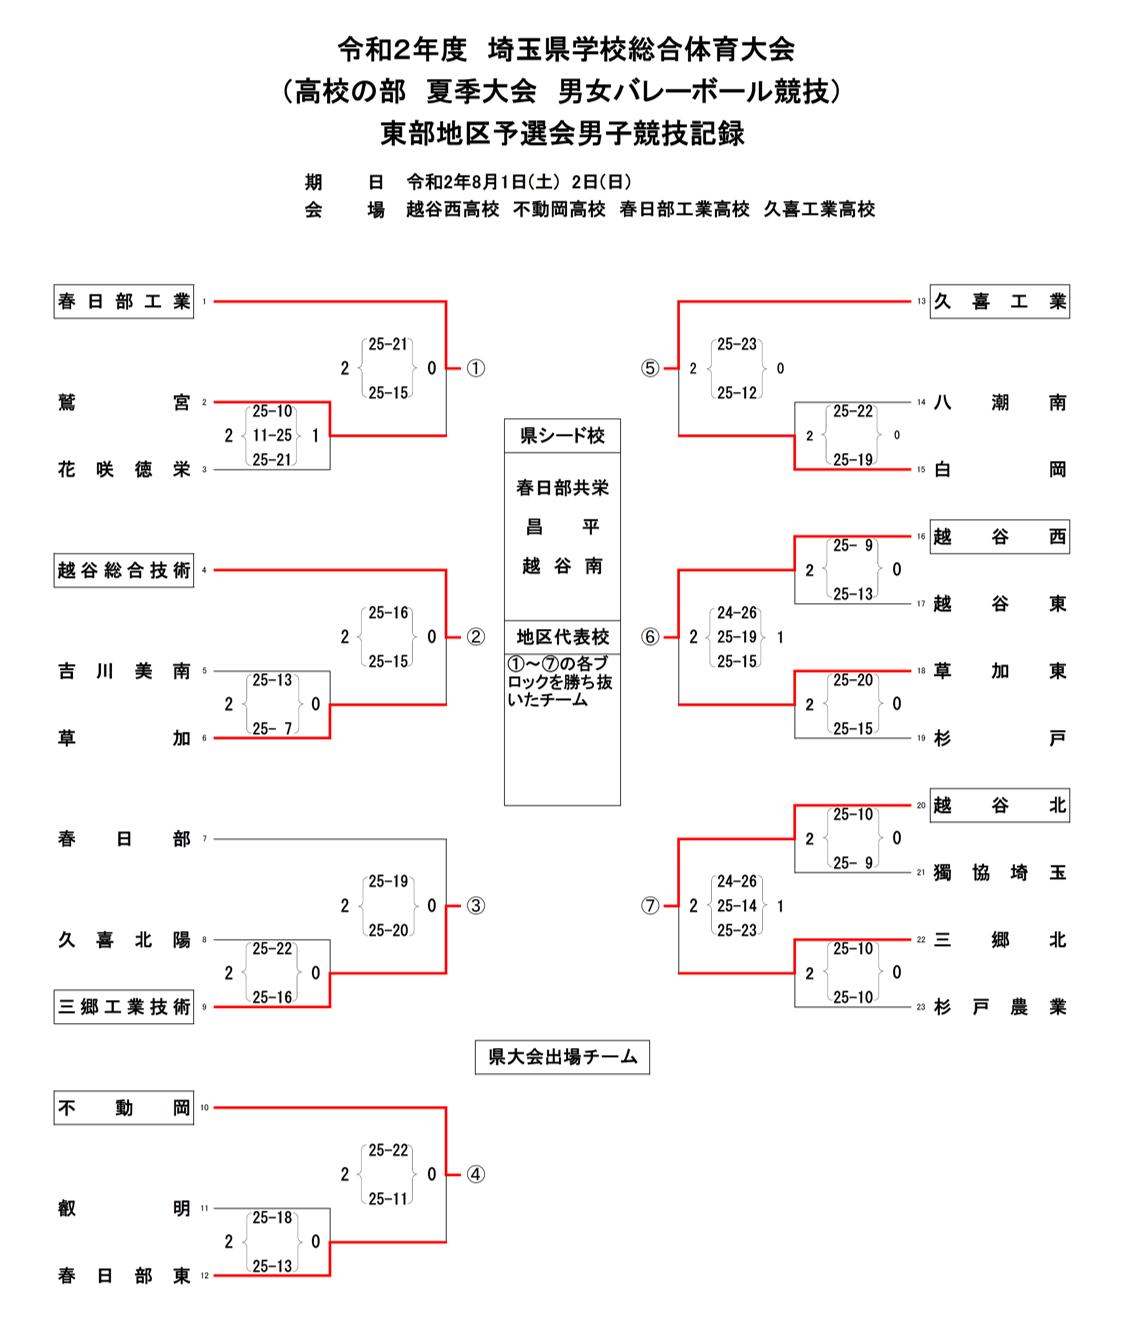 2020_埼玉県_県東地区_夏季大会_男子_結果